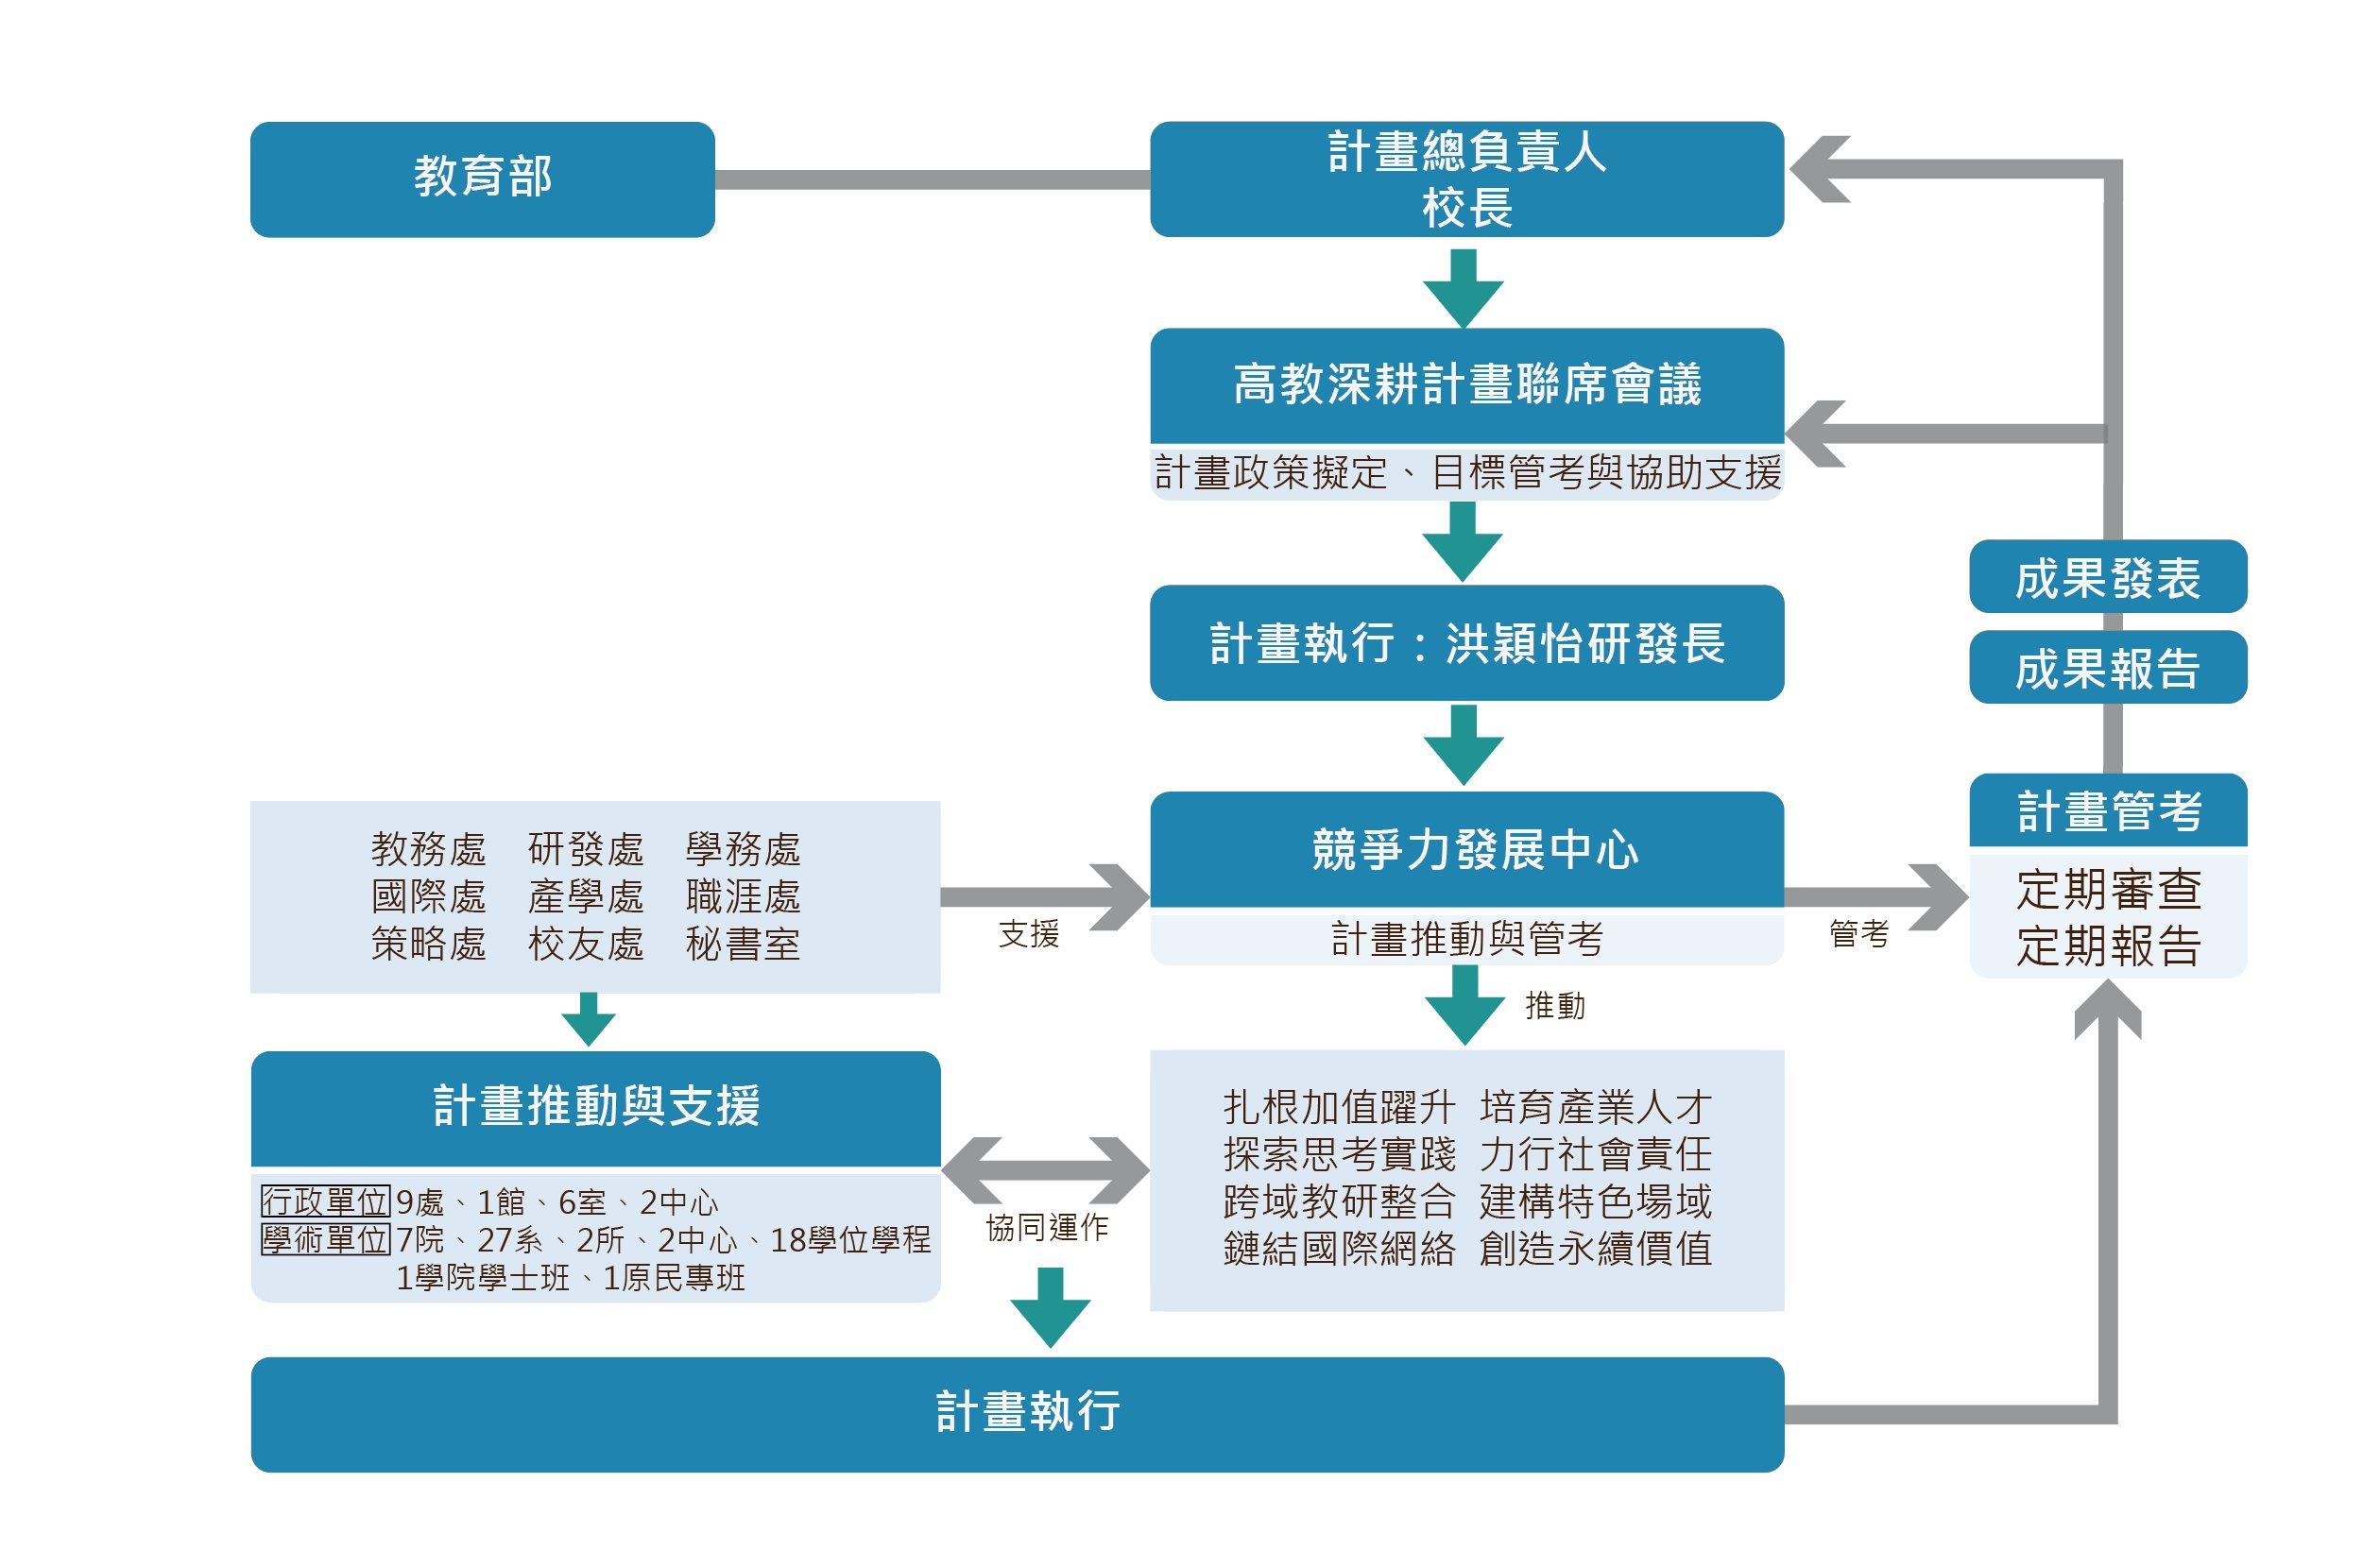 深耕架構圖_1100331-01-01.png